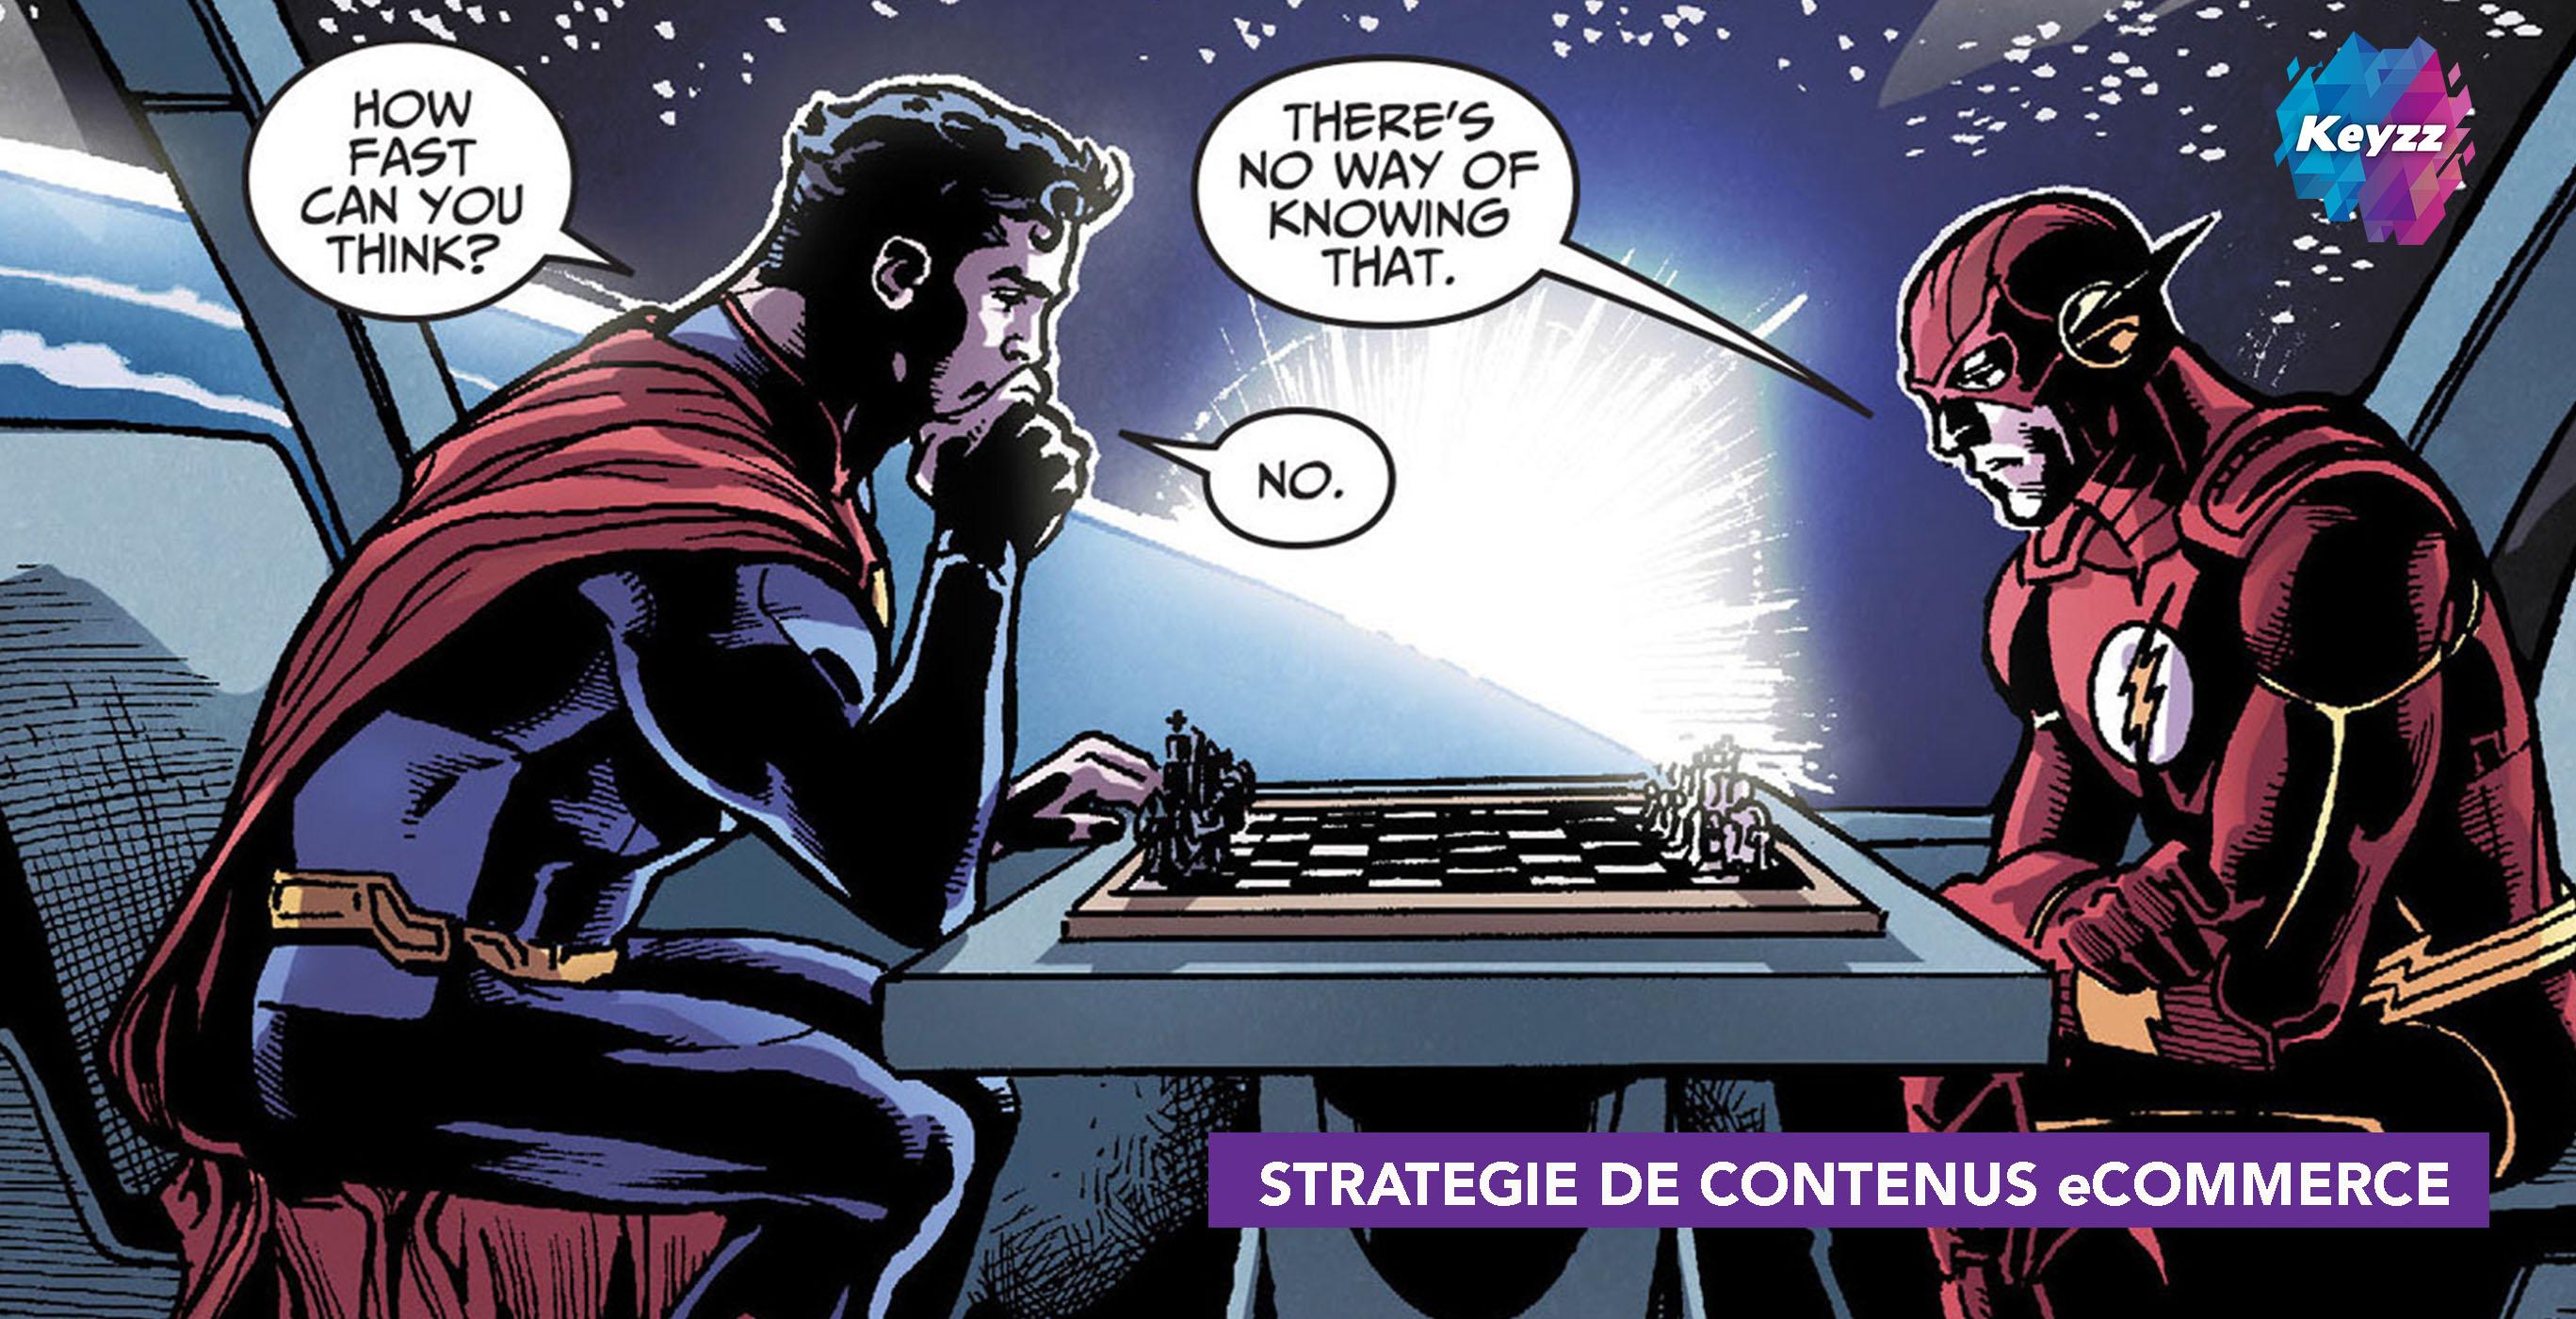 stratégie_de_contenus_ecommerce_keyzz